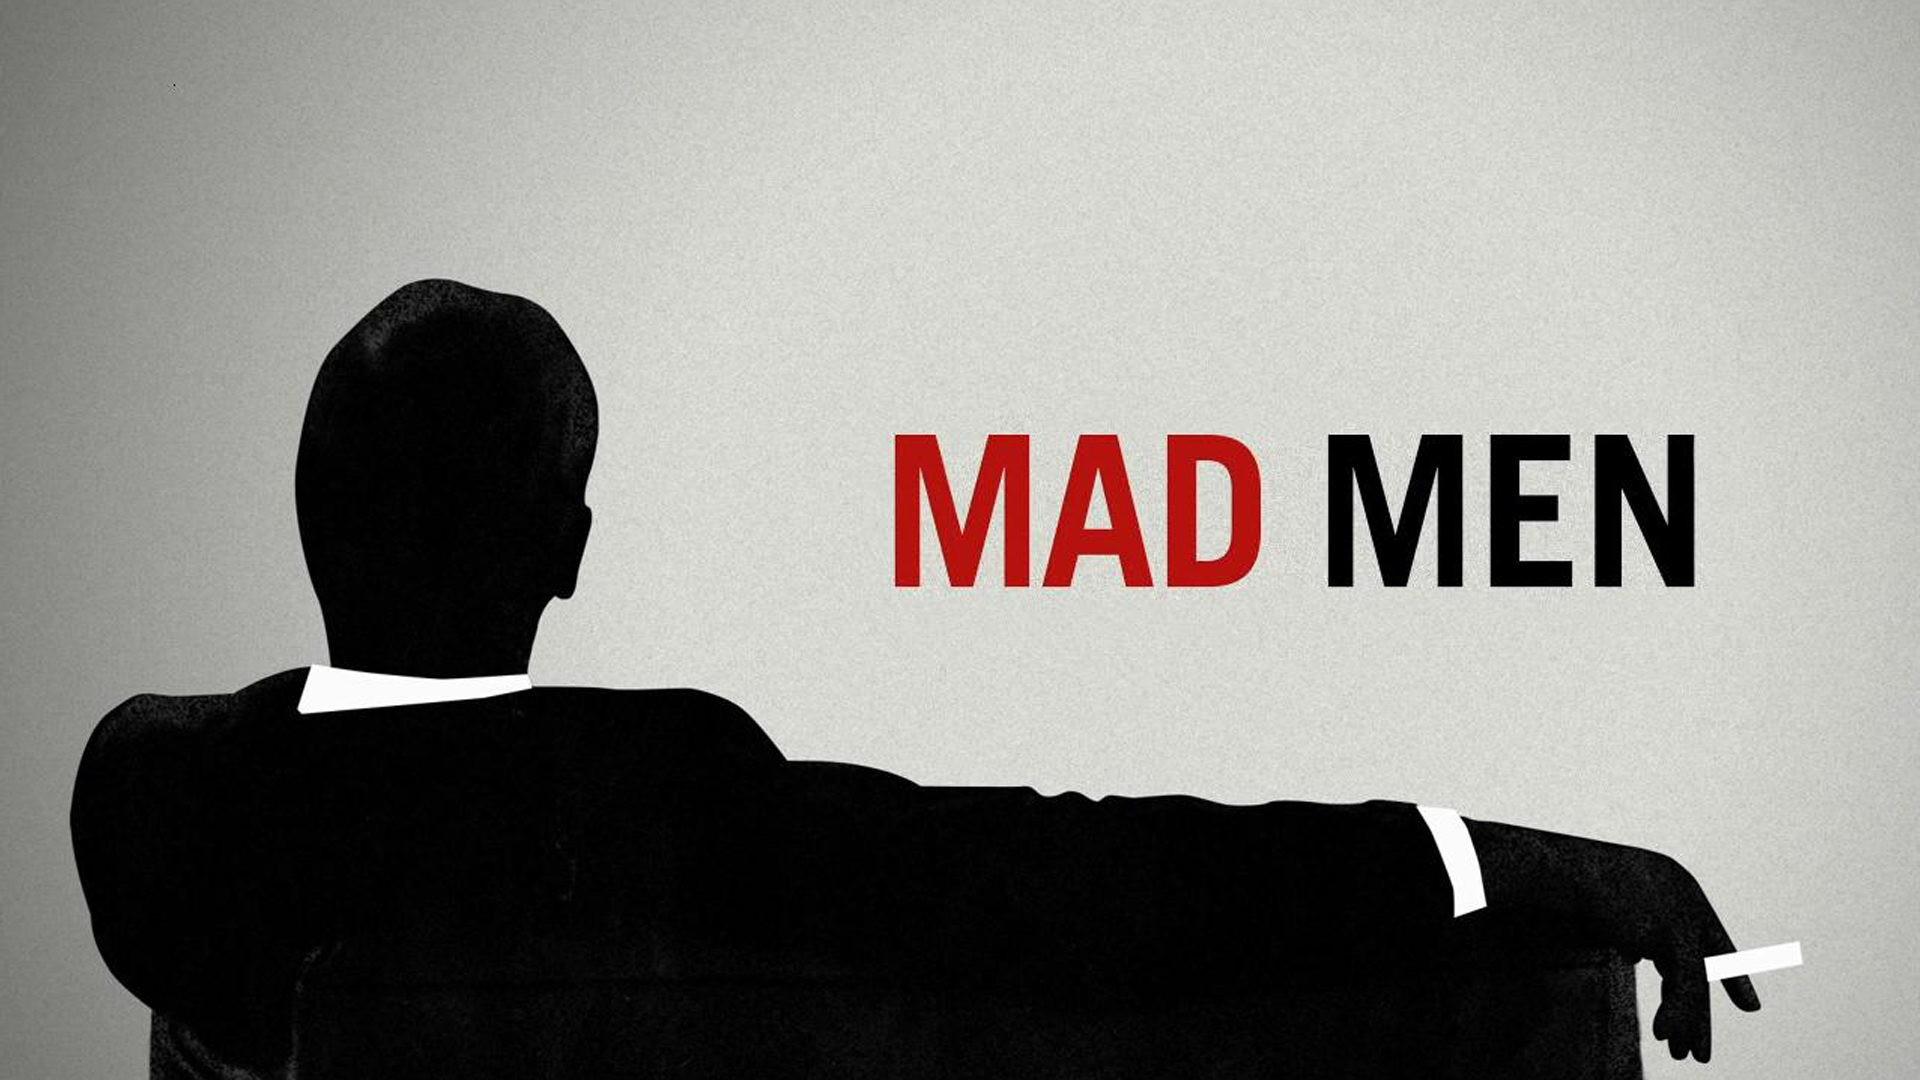 1920x1080 Mad Men HD Wallpaper 13808